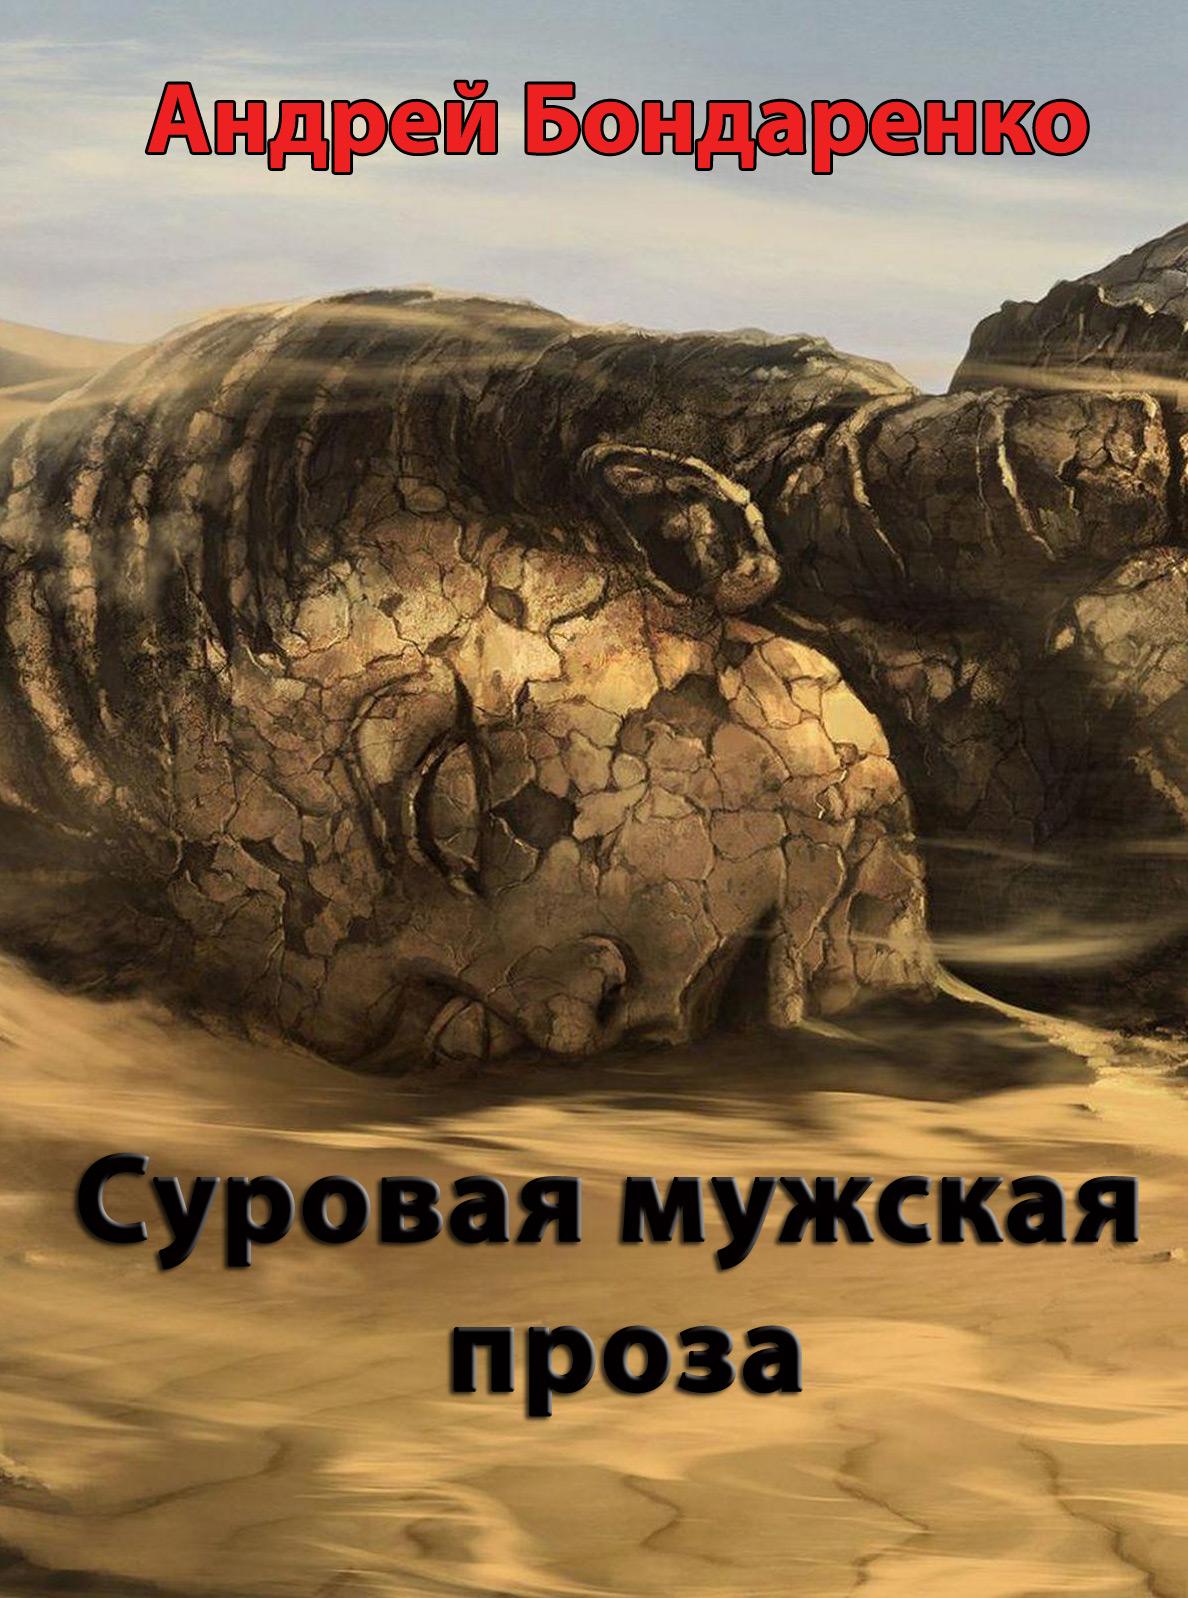 Фото - Андрей Бондаренко Суровая мужская проза гелприн м отражения и миражи